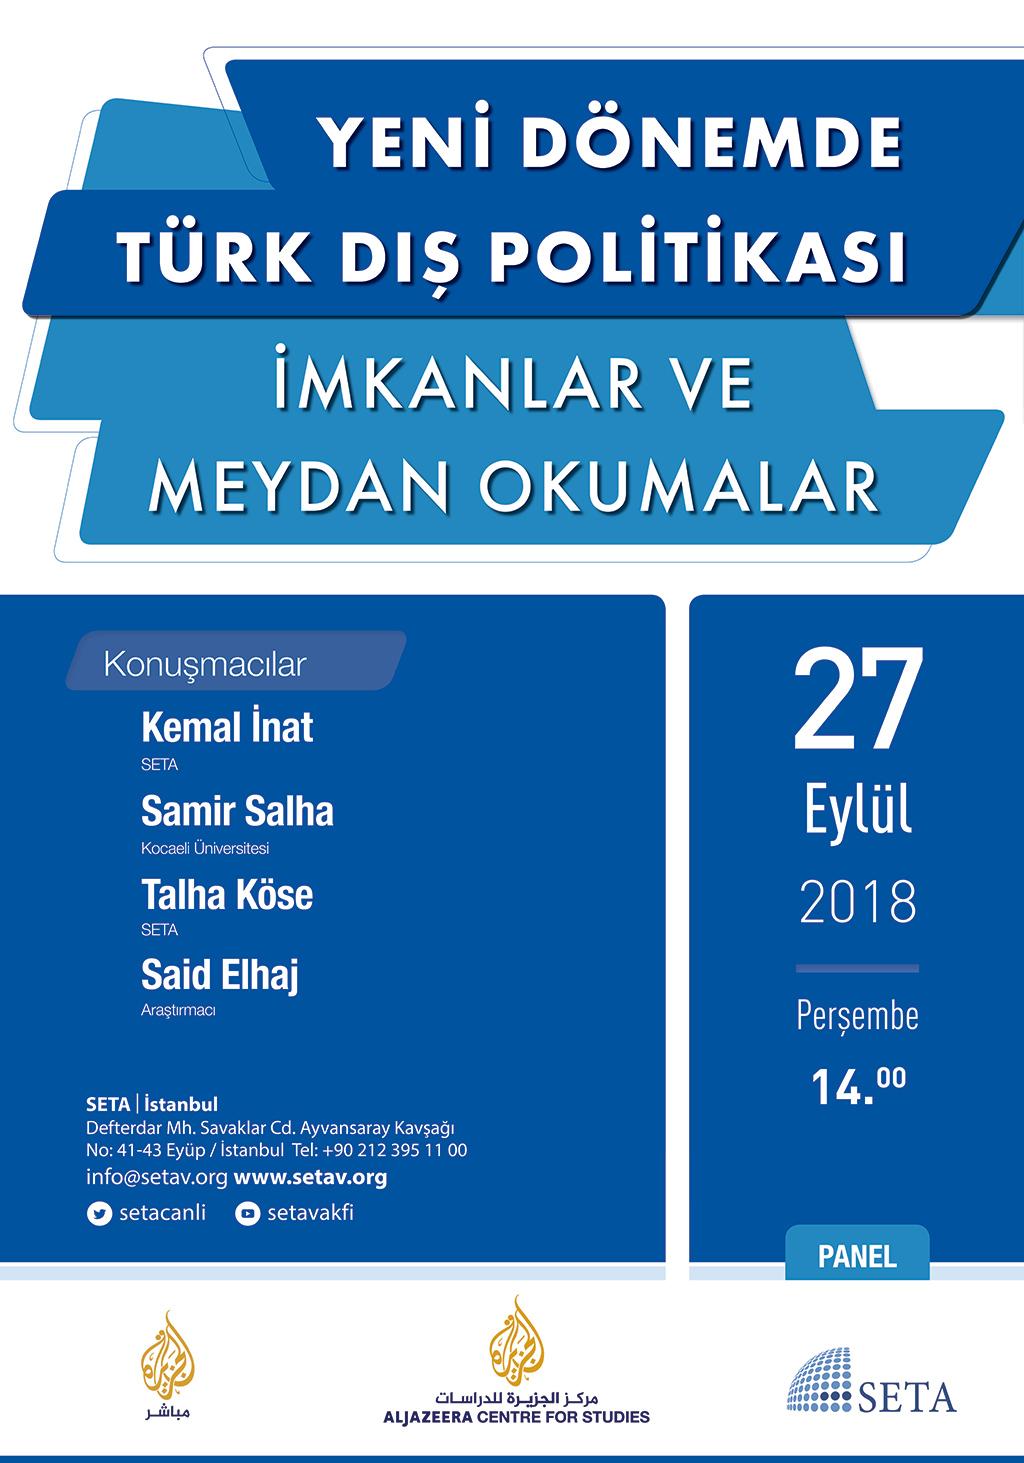 Panel: Yeni Dönemde Türk Dış Politikası | İmkânlar ve Meydan Okumalar